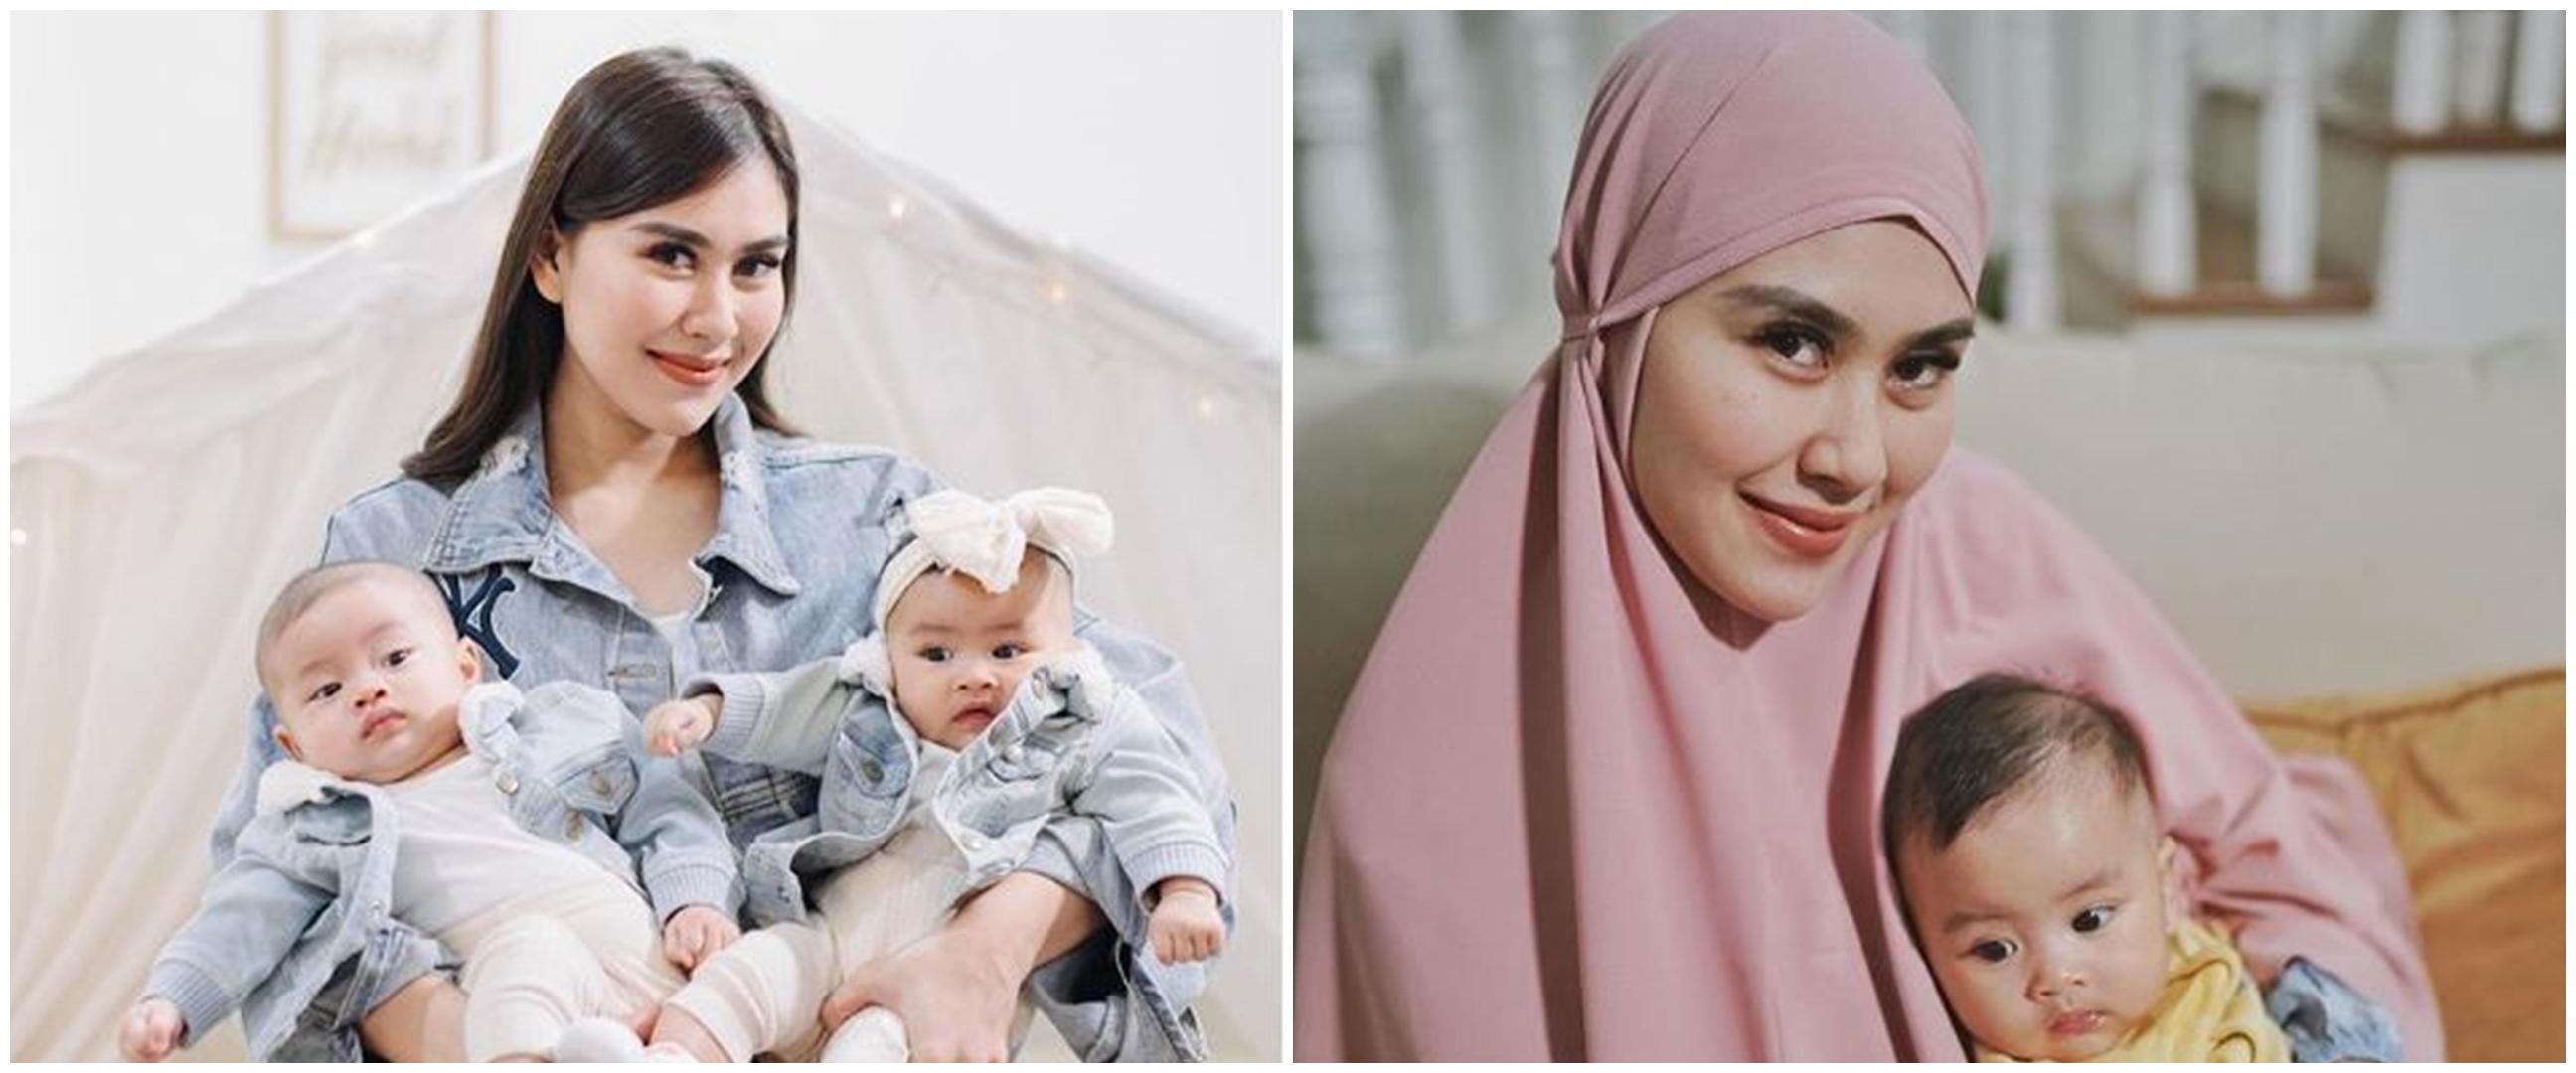 7 Pesona Syahnaz Sadiqah kenakan hijab, meneduhkan